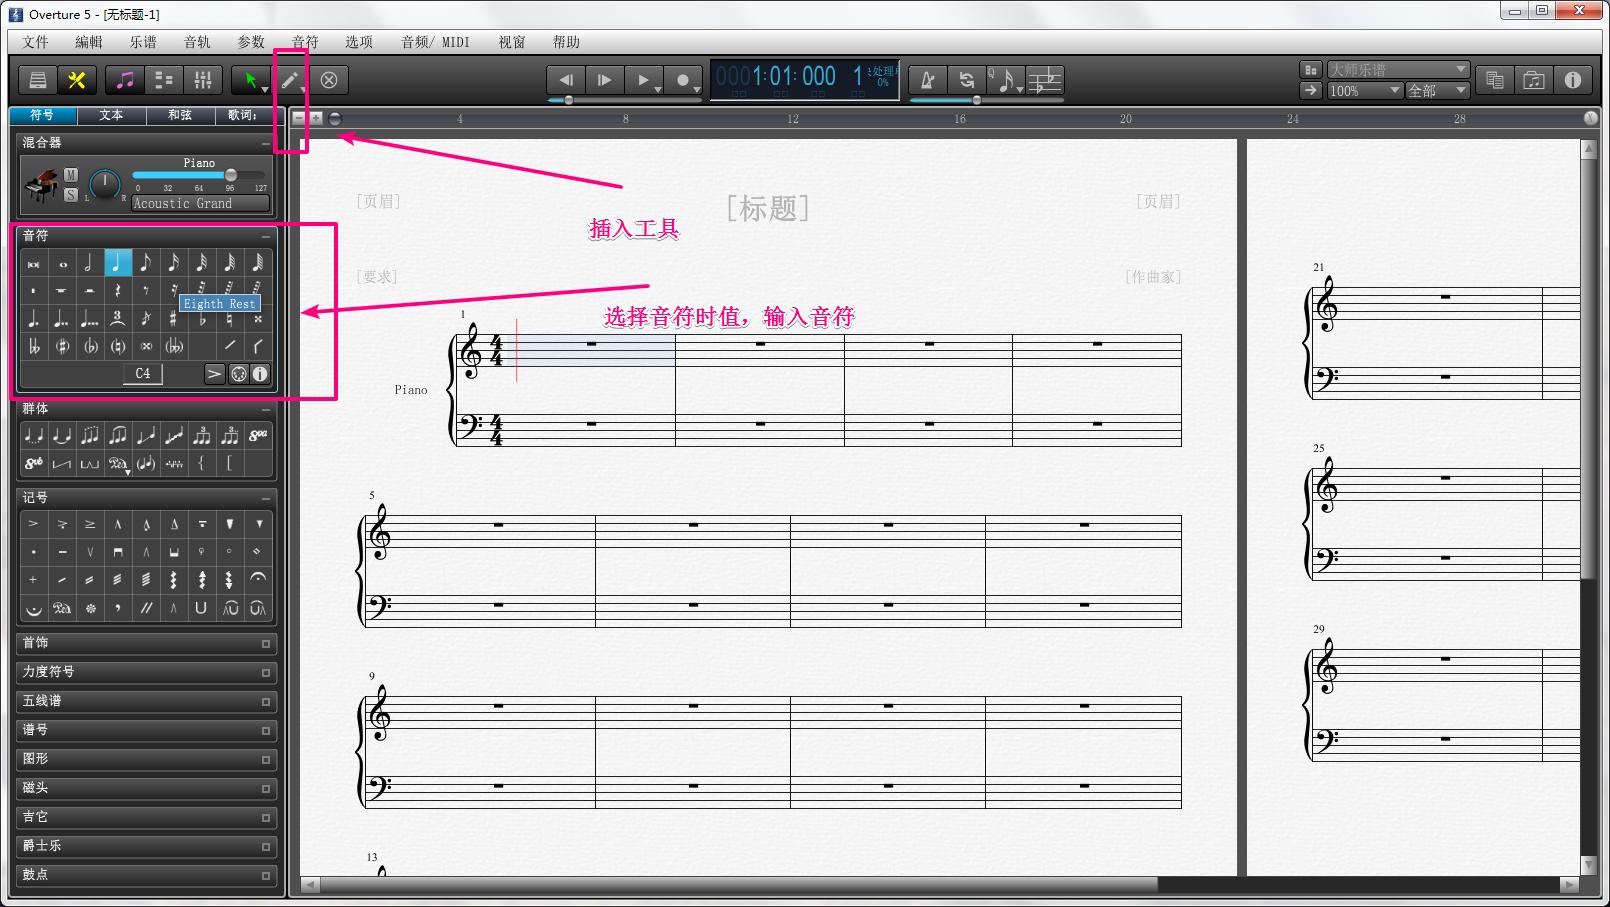 乐谱软件Overture插入工具